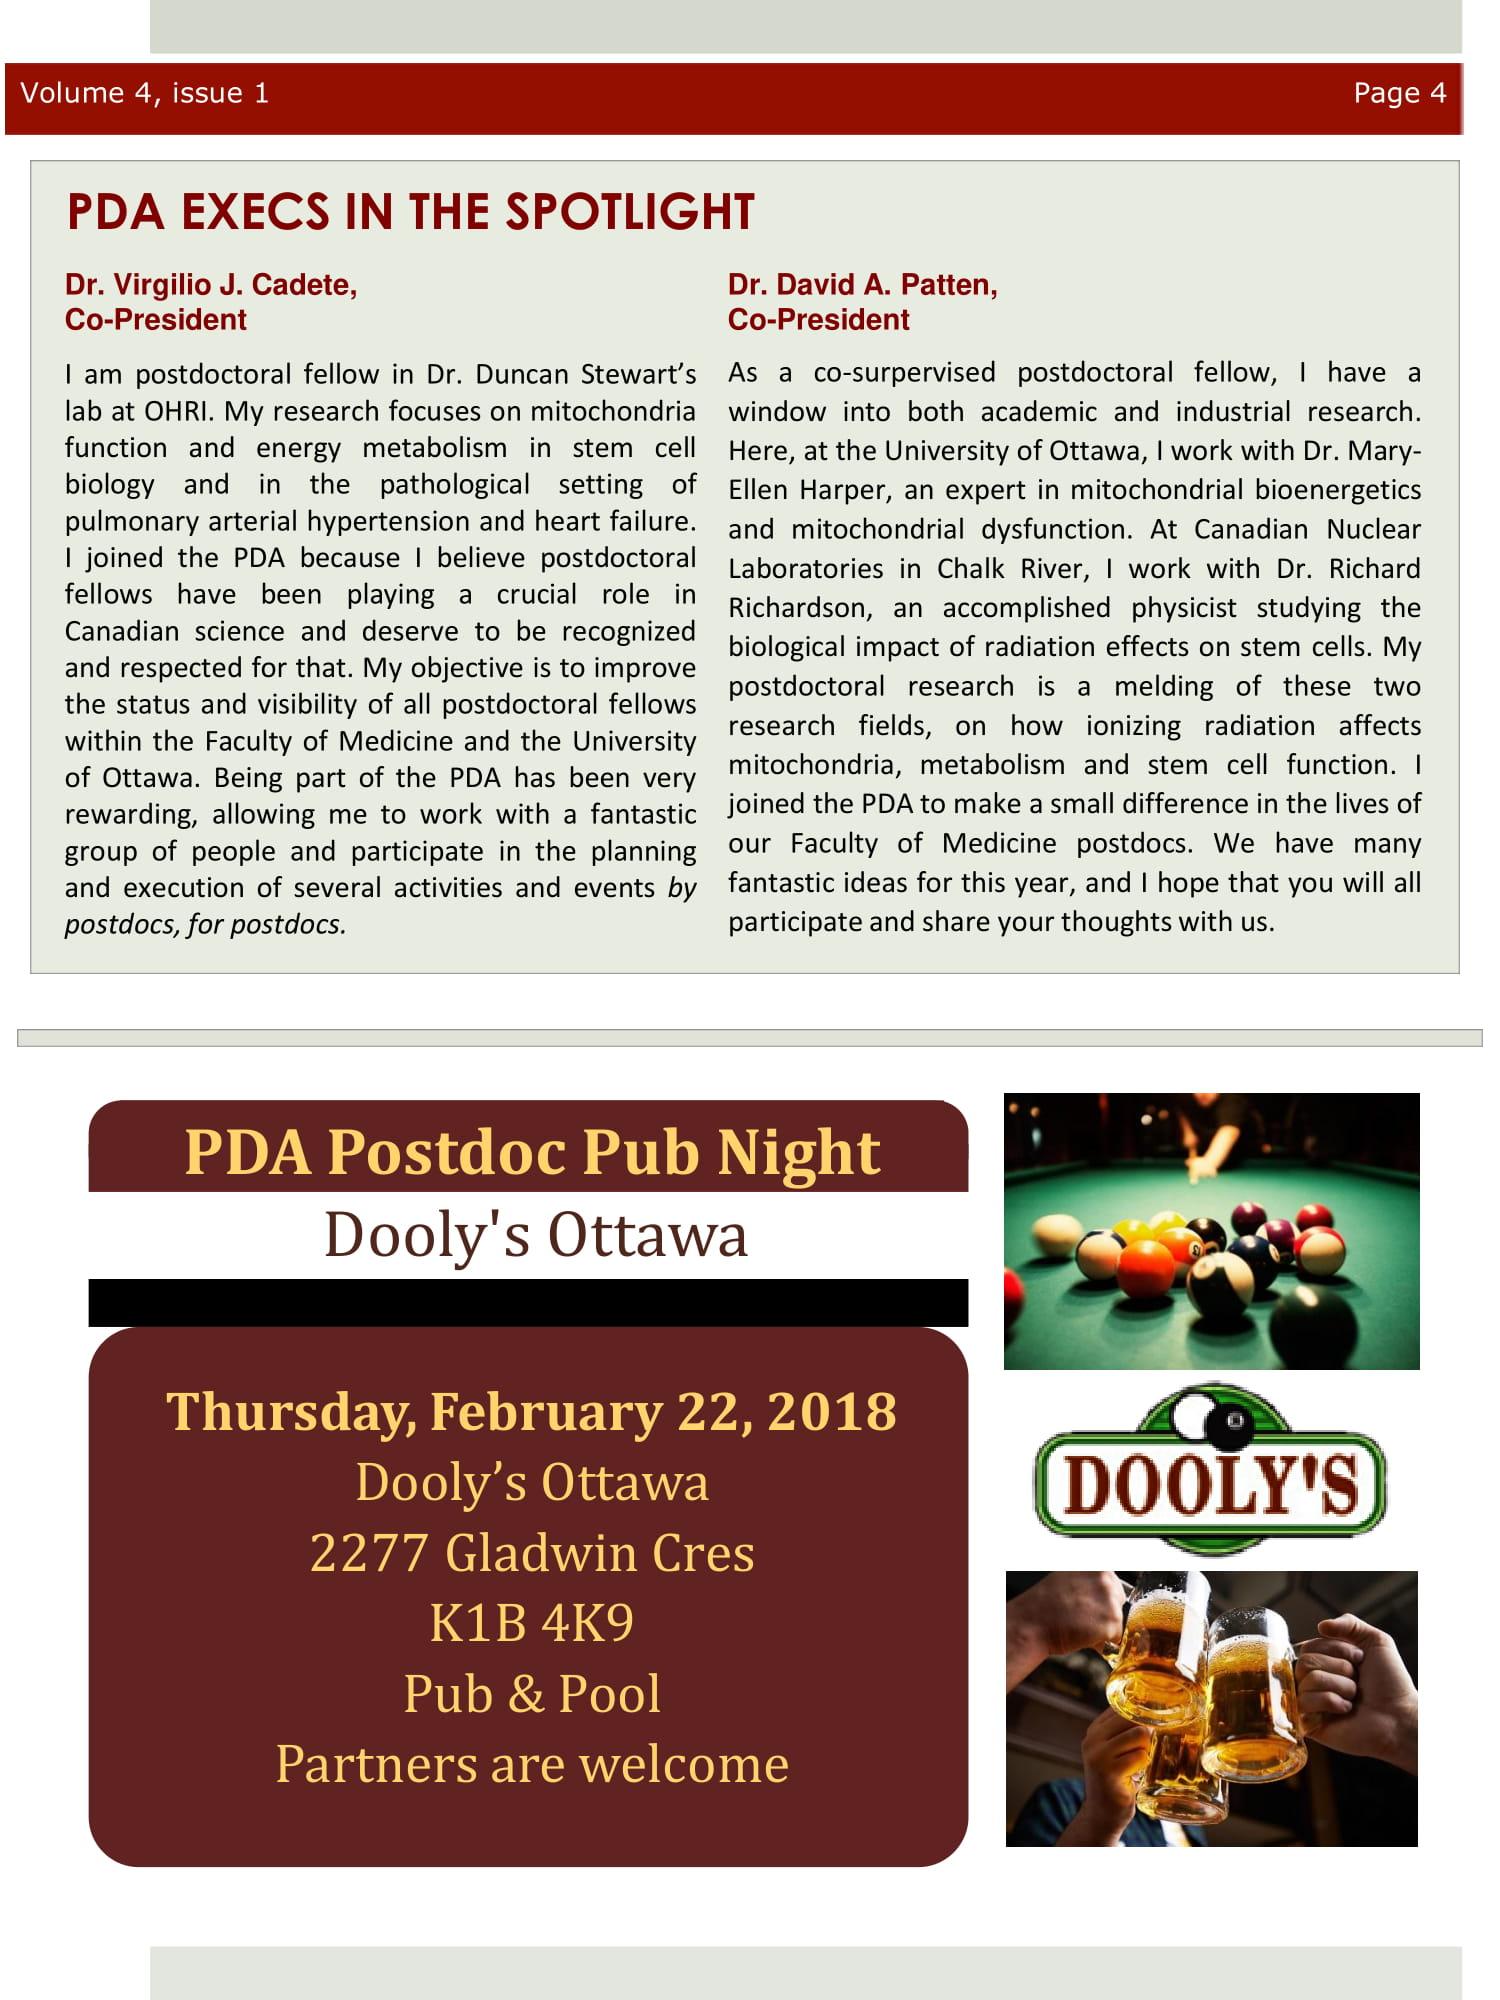 PDA_Newsletter_Volume_4_Issue_1-4.jpg